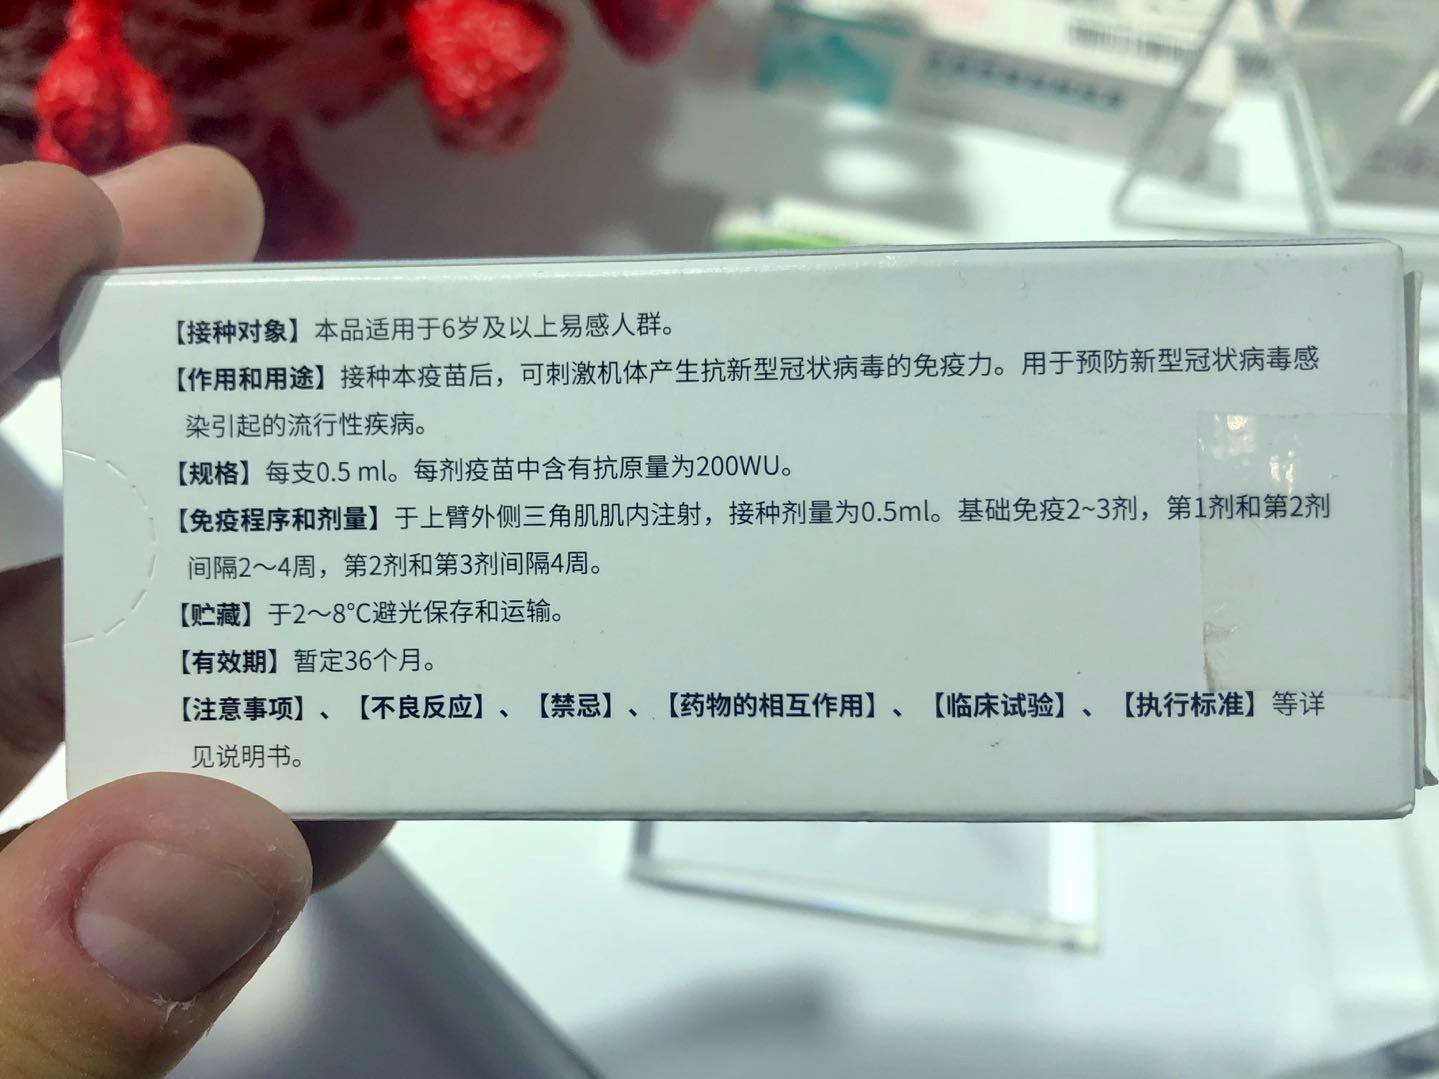 """中国新冠疫苗包装上""""有效期""""是指""""保质期""""_图1-4"""